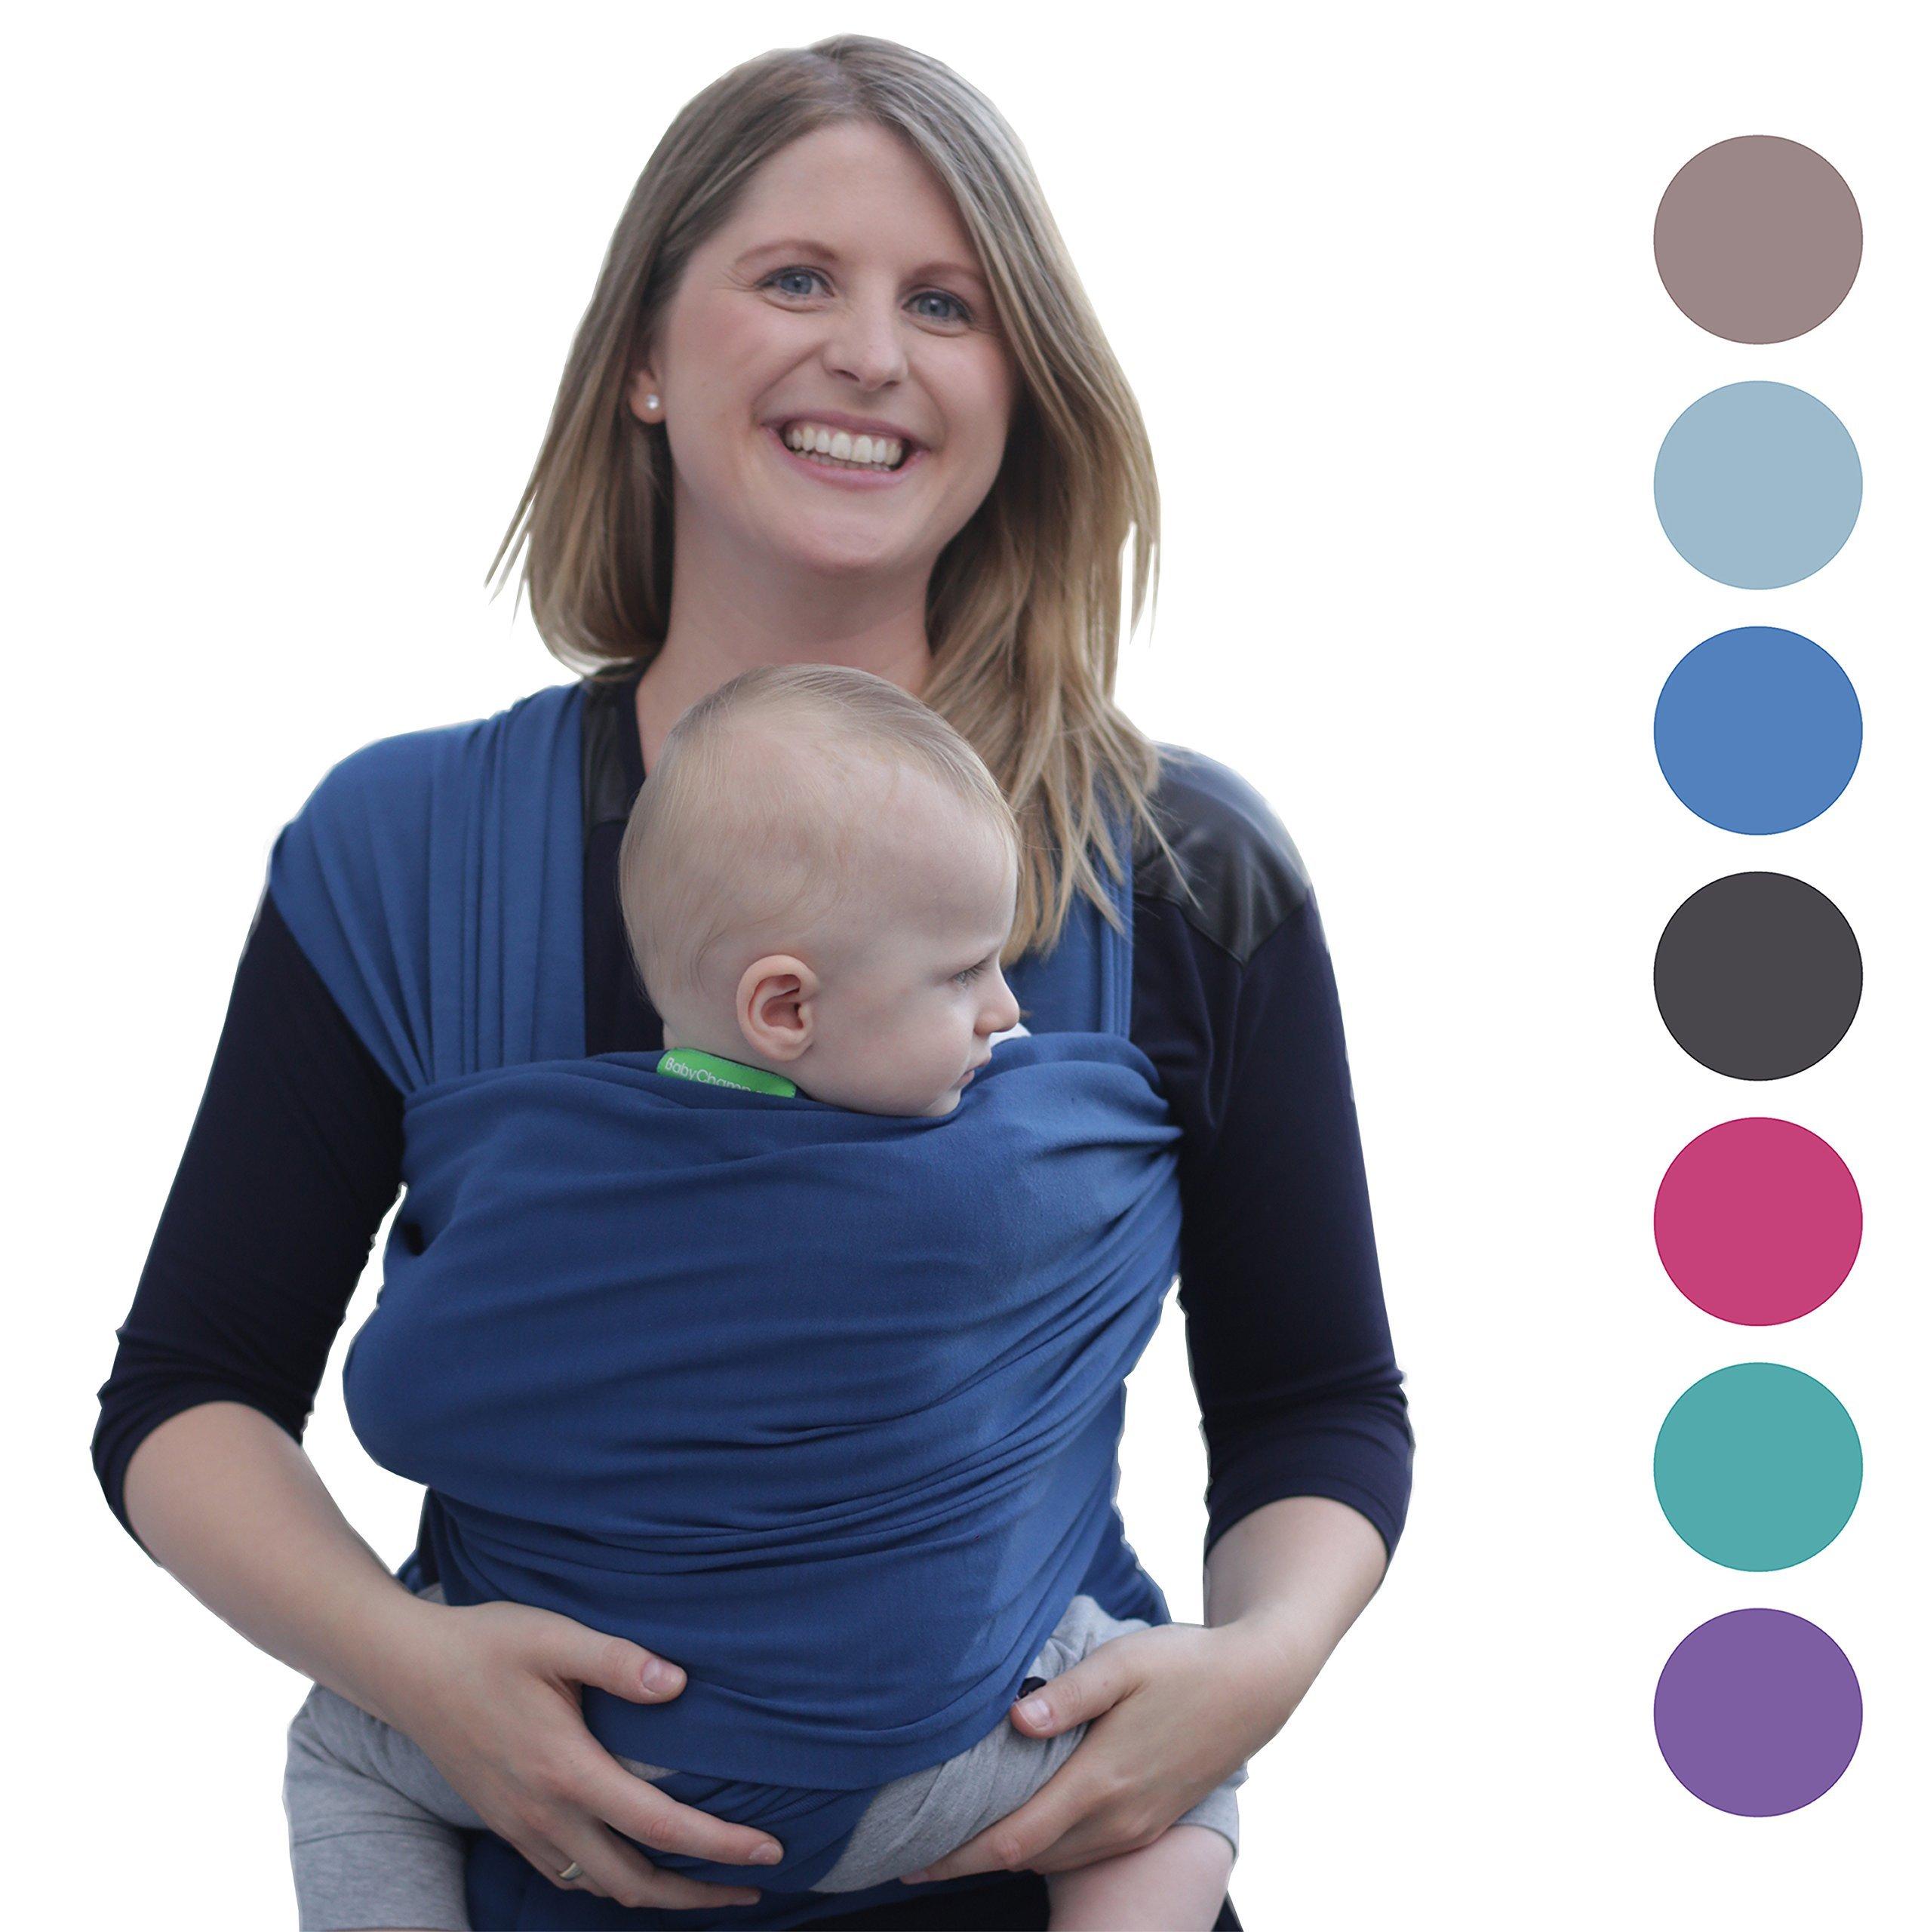 Fular portabebés 5-en-1 para recién nacidos | El regalo perfecto para madre